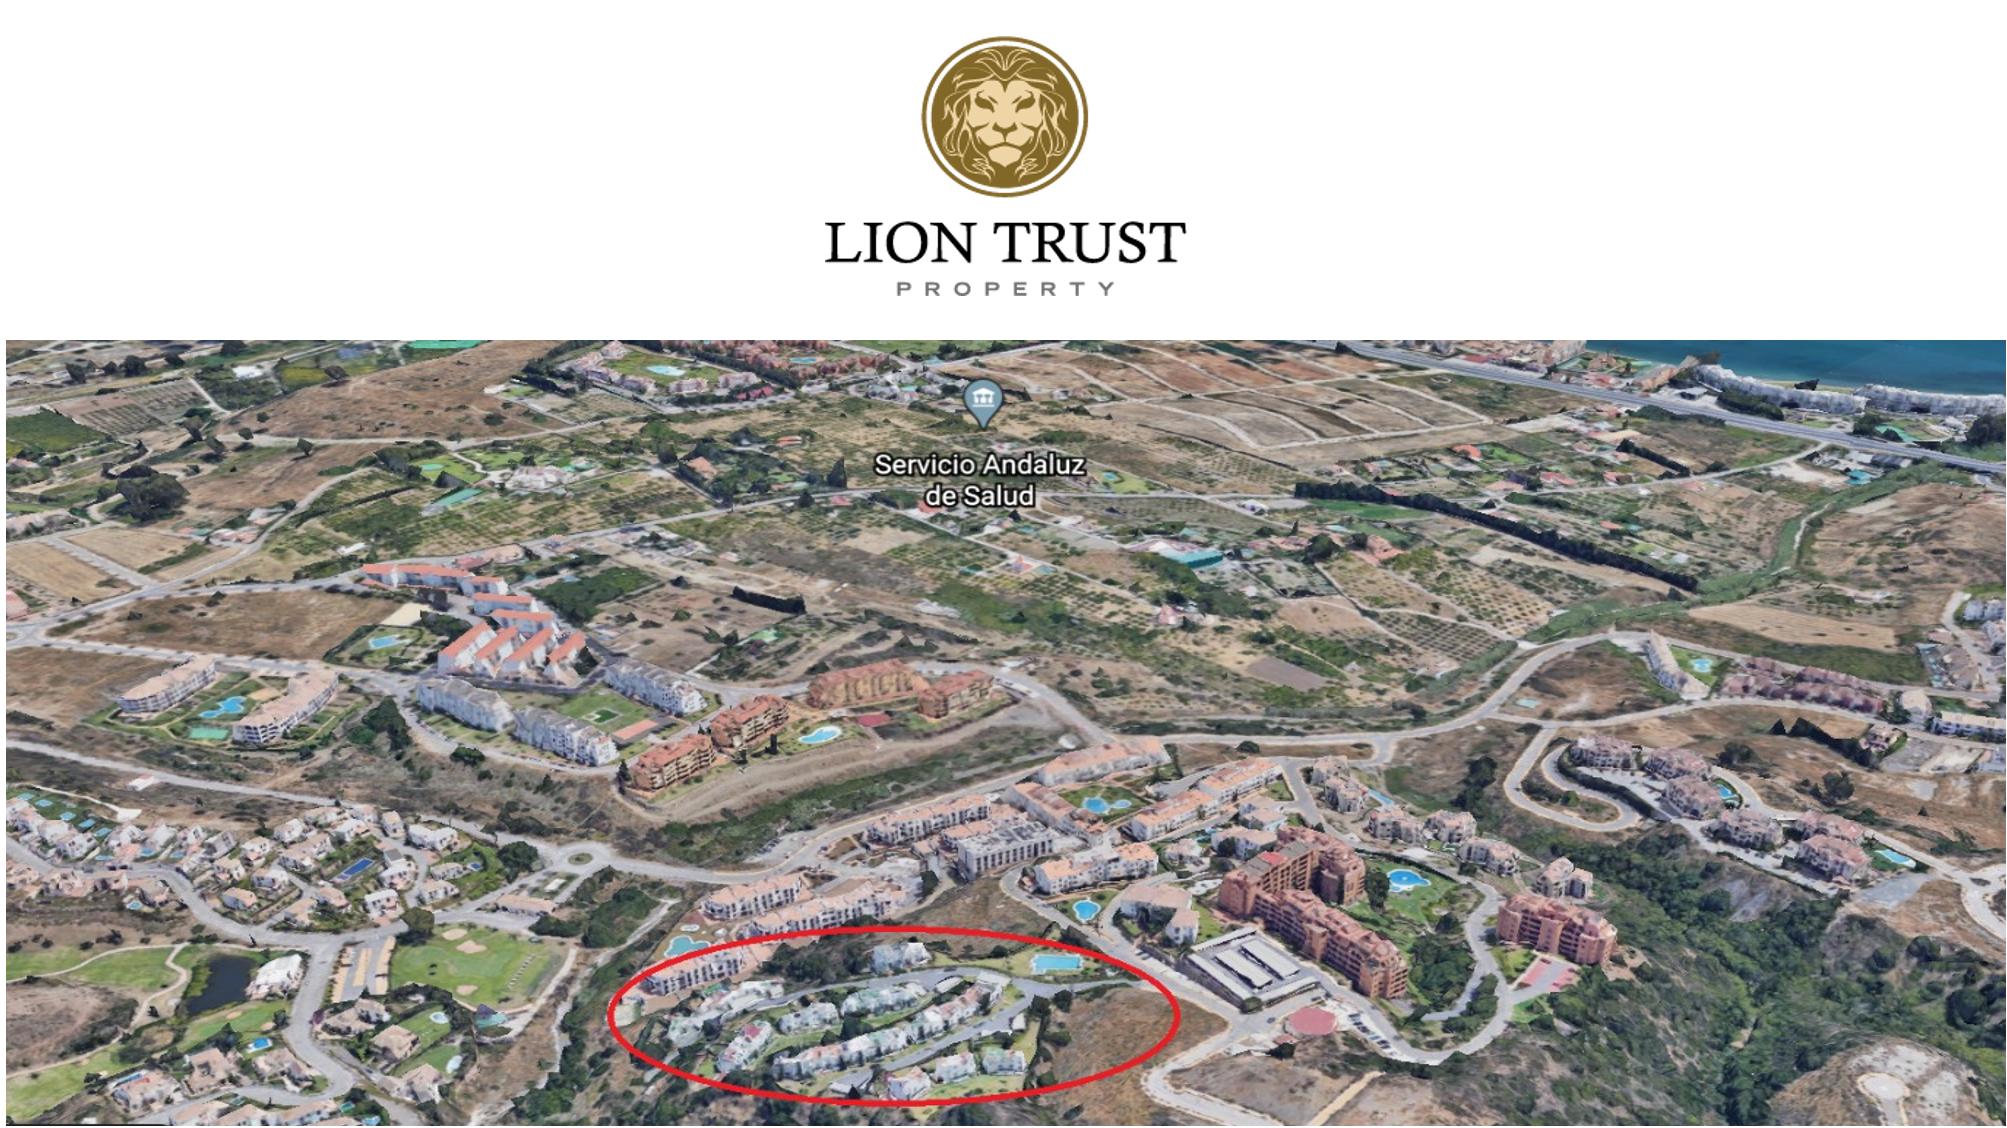 2a - Lion Trust Spain